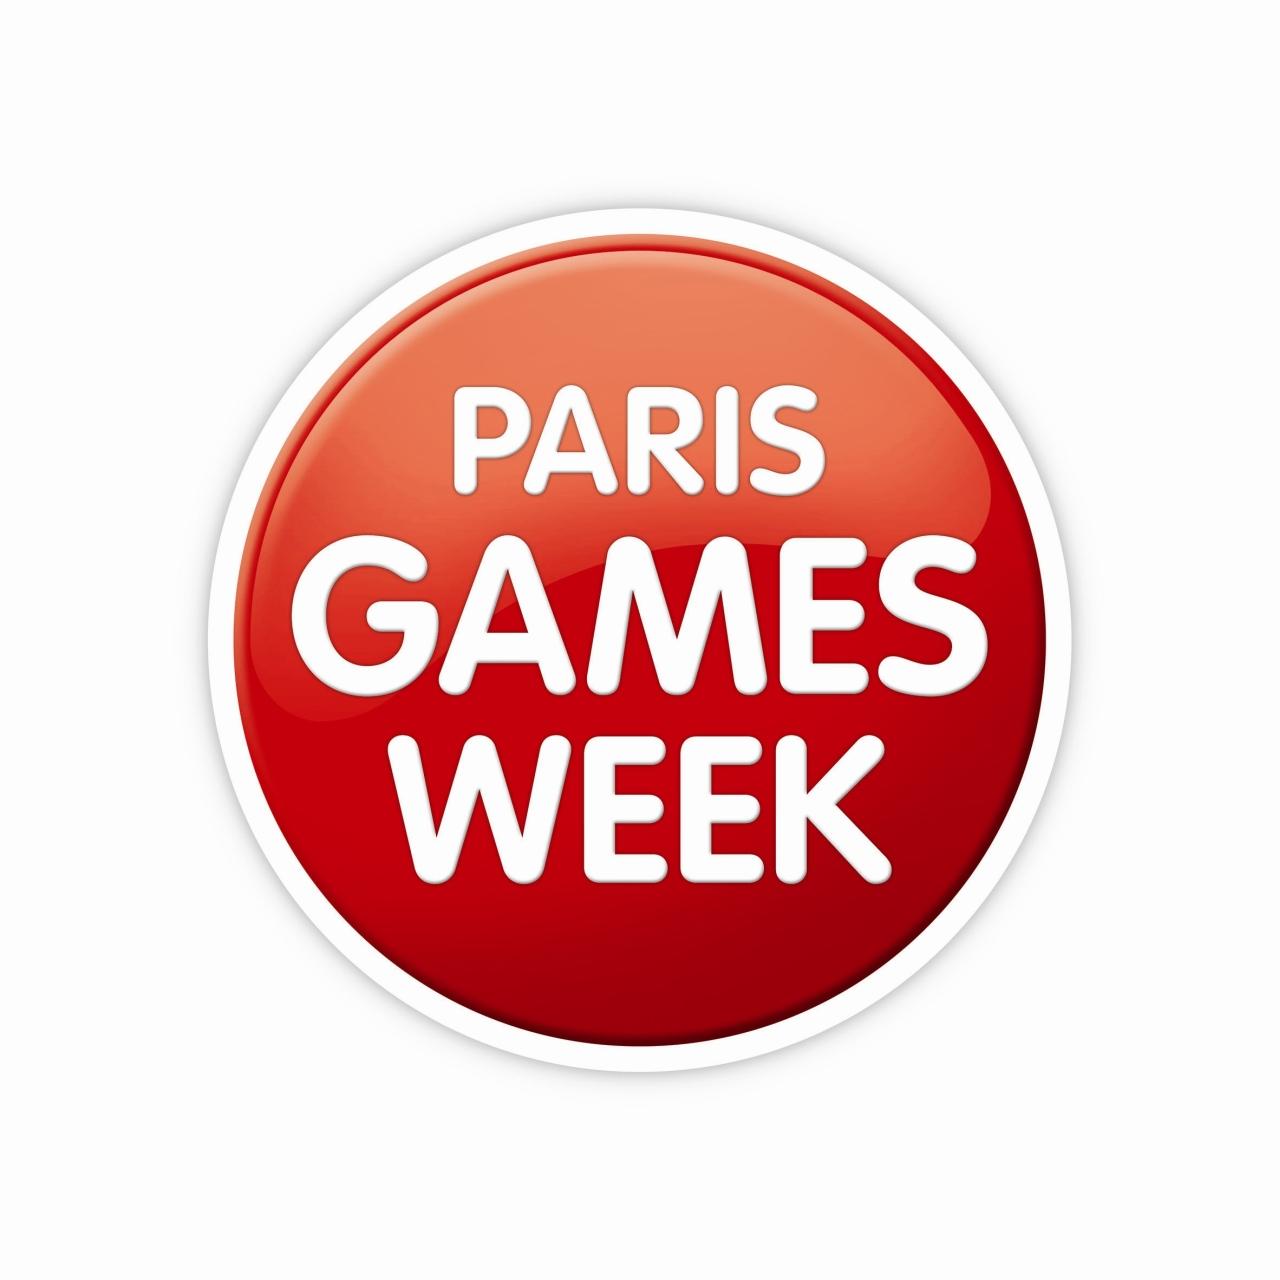 Le paris games week pr sent en d tail xbox one xboxygen for Salon paris games week